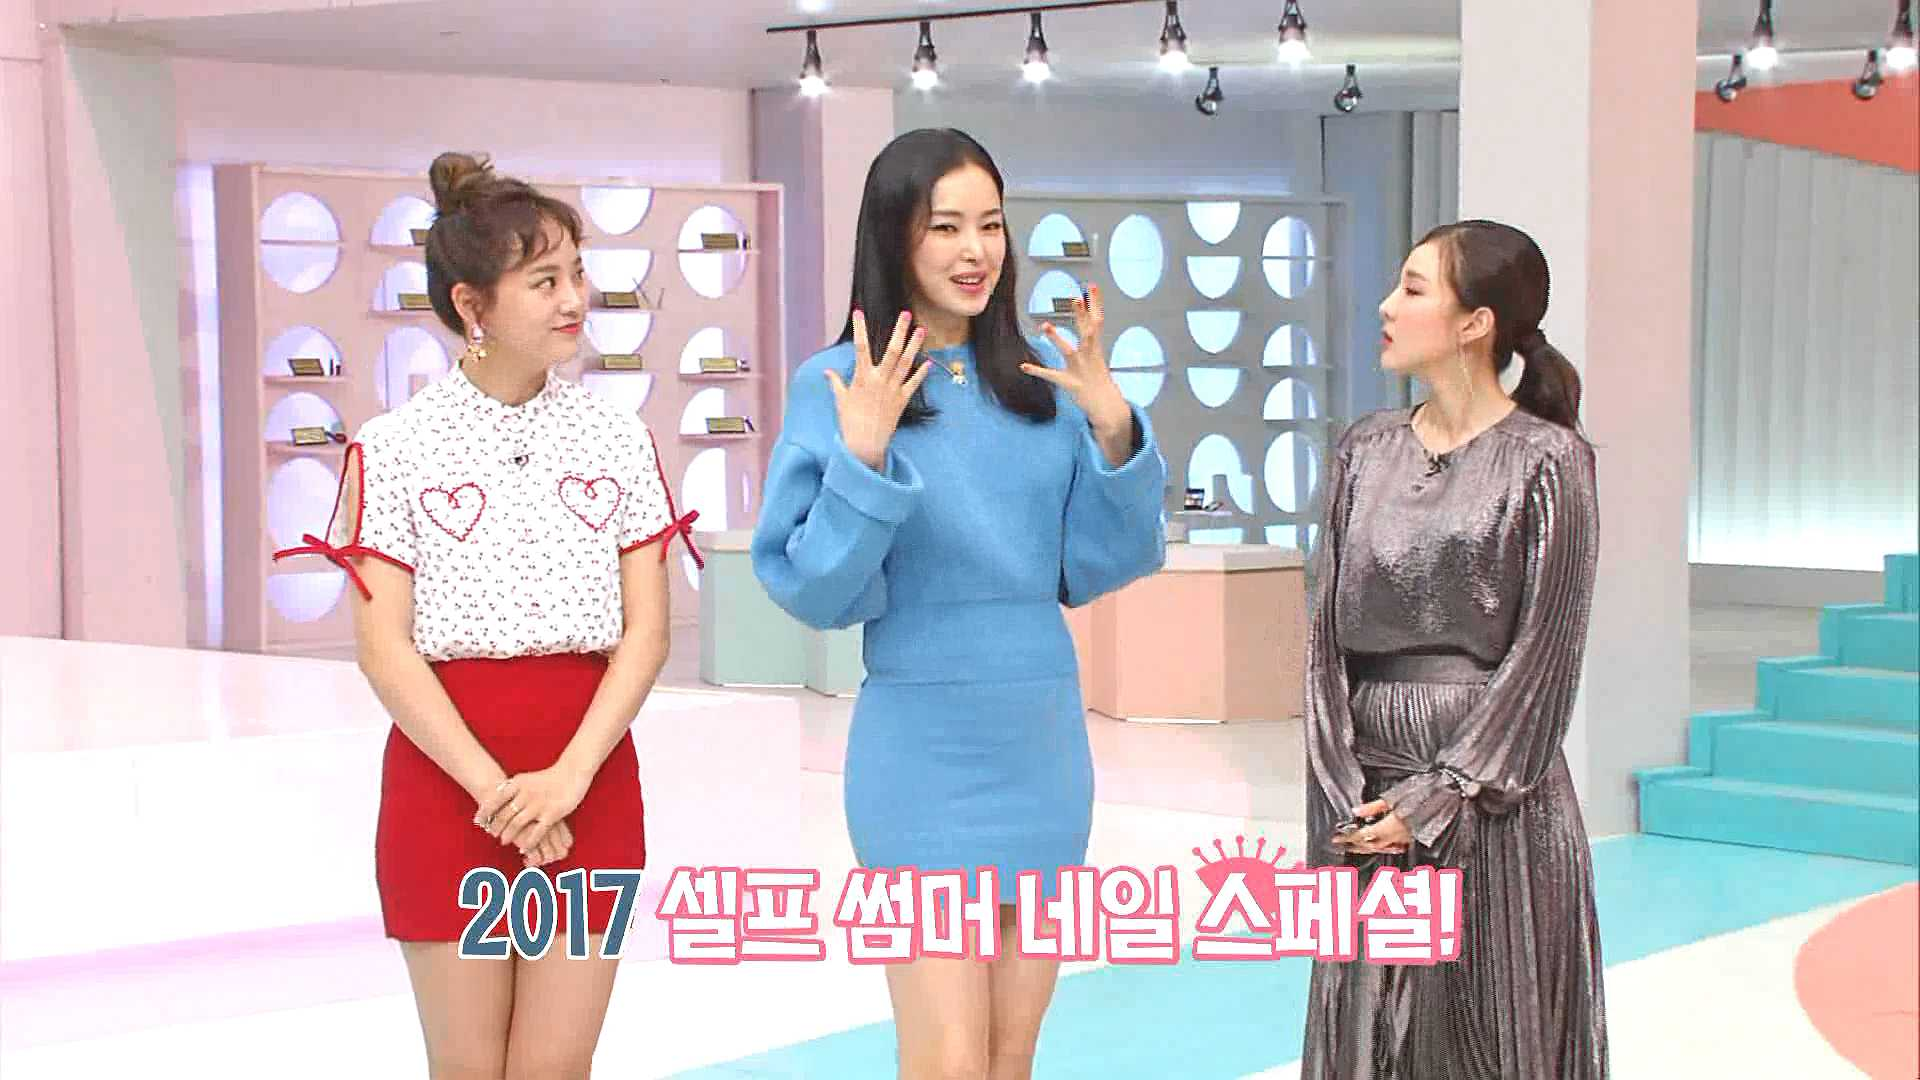 오늘의 주제는? 2017 셀프 썸머 네일 스페셜 !!